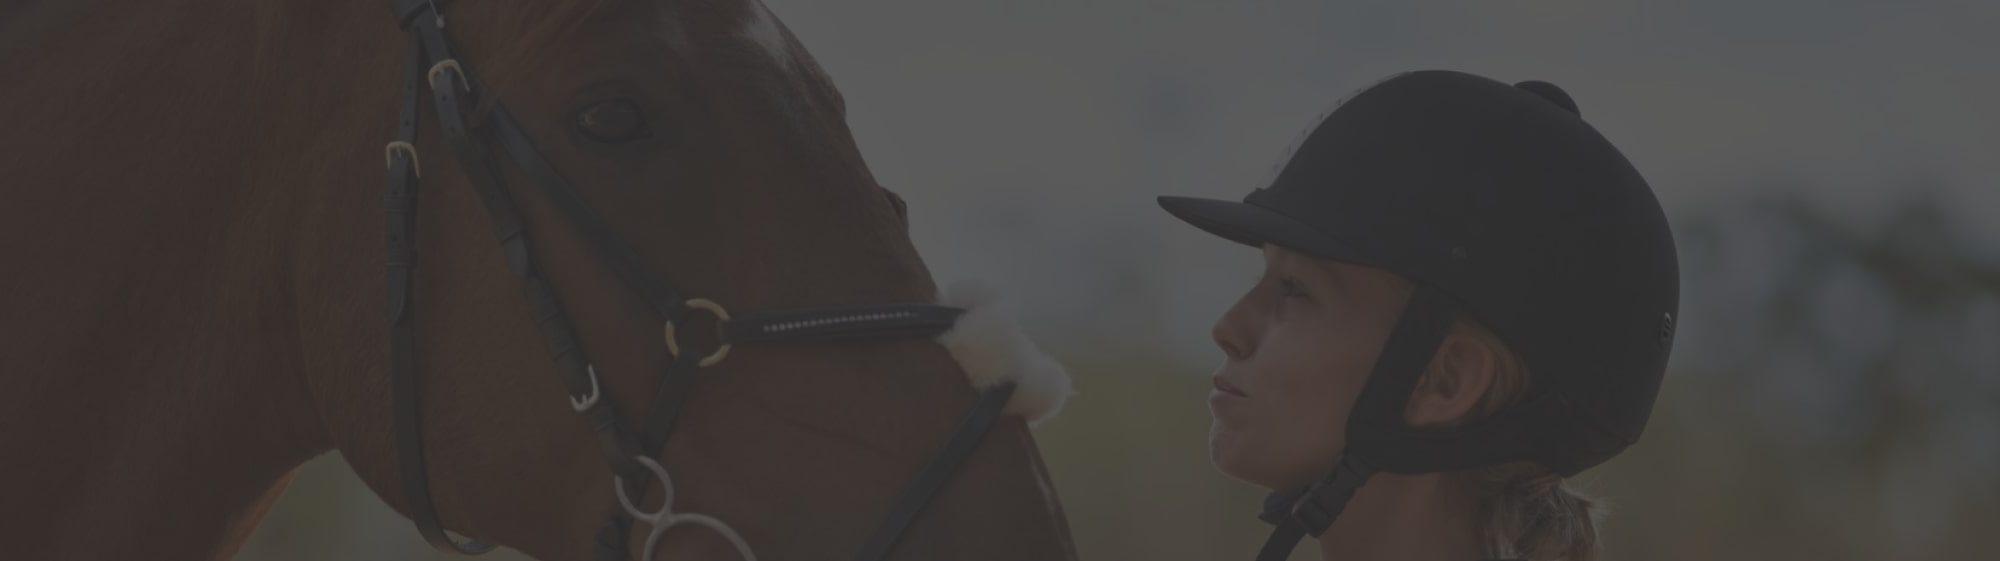 ayr-equestrian-header